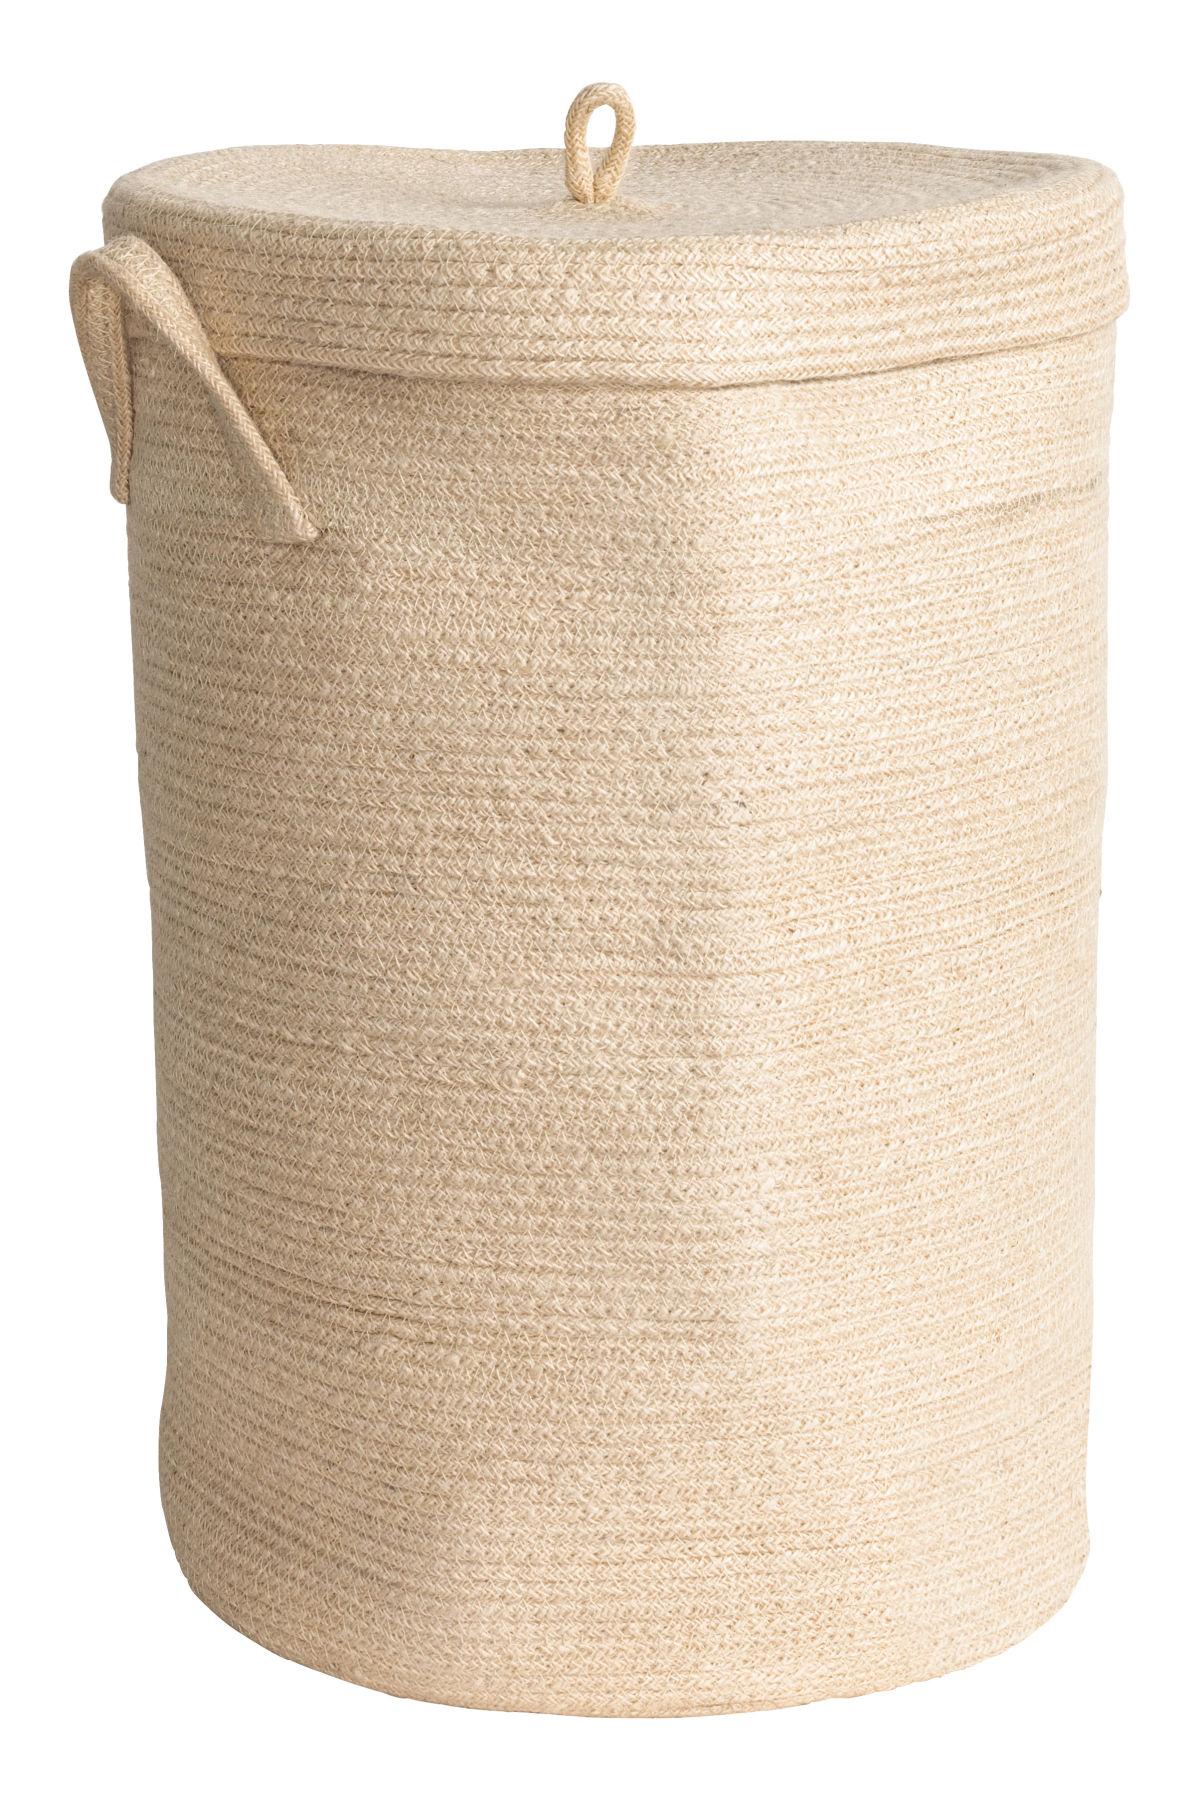 best towels bath accessories h&m home jute laundry basket beige